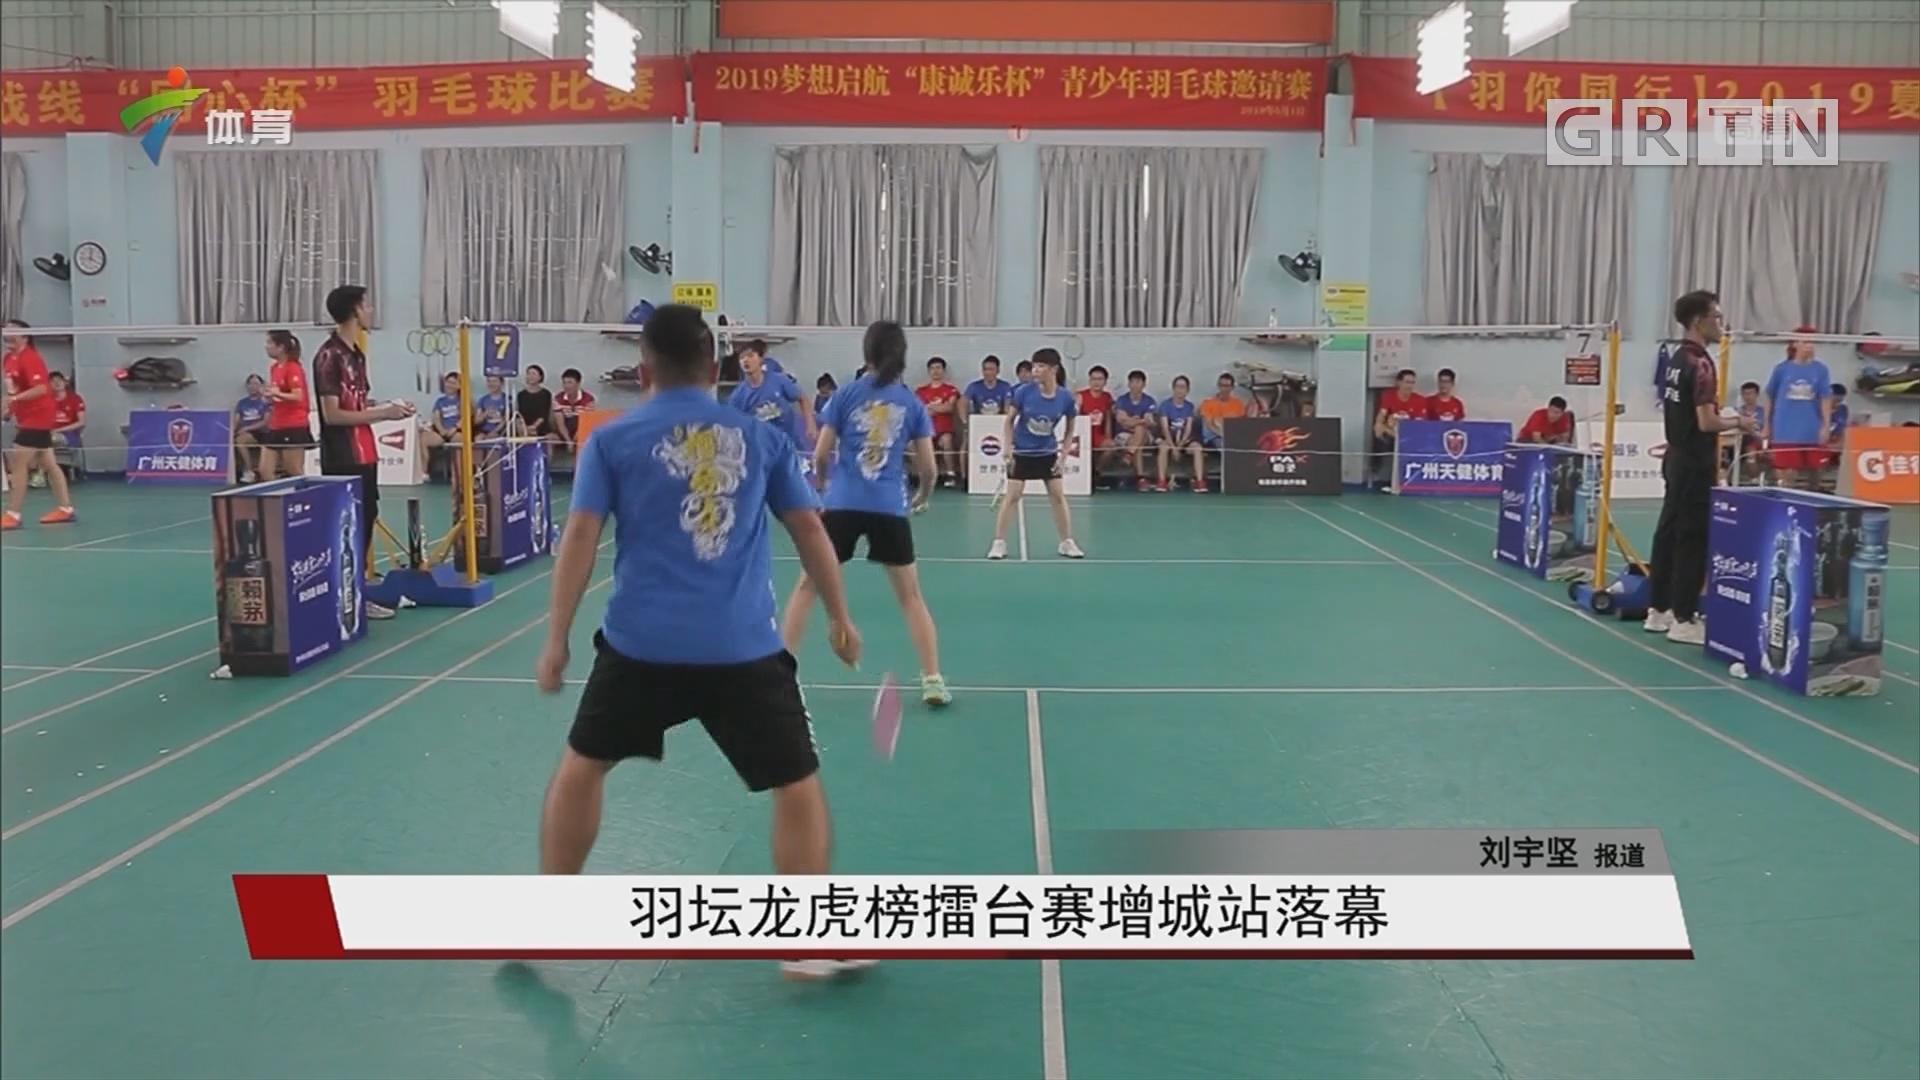 羽壇龍虎榜擂臺賽增城站落幕